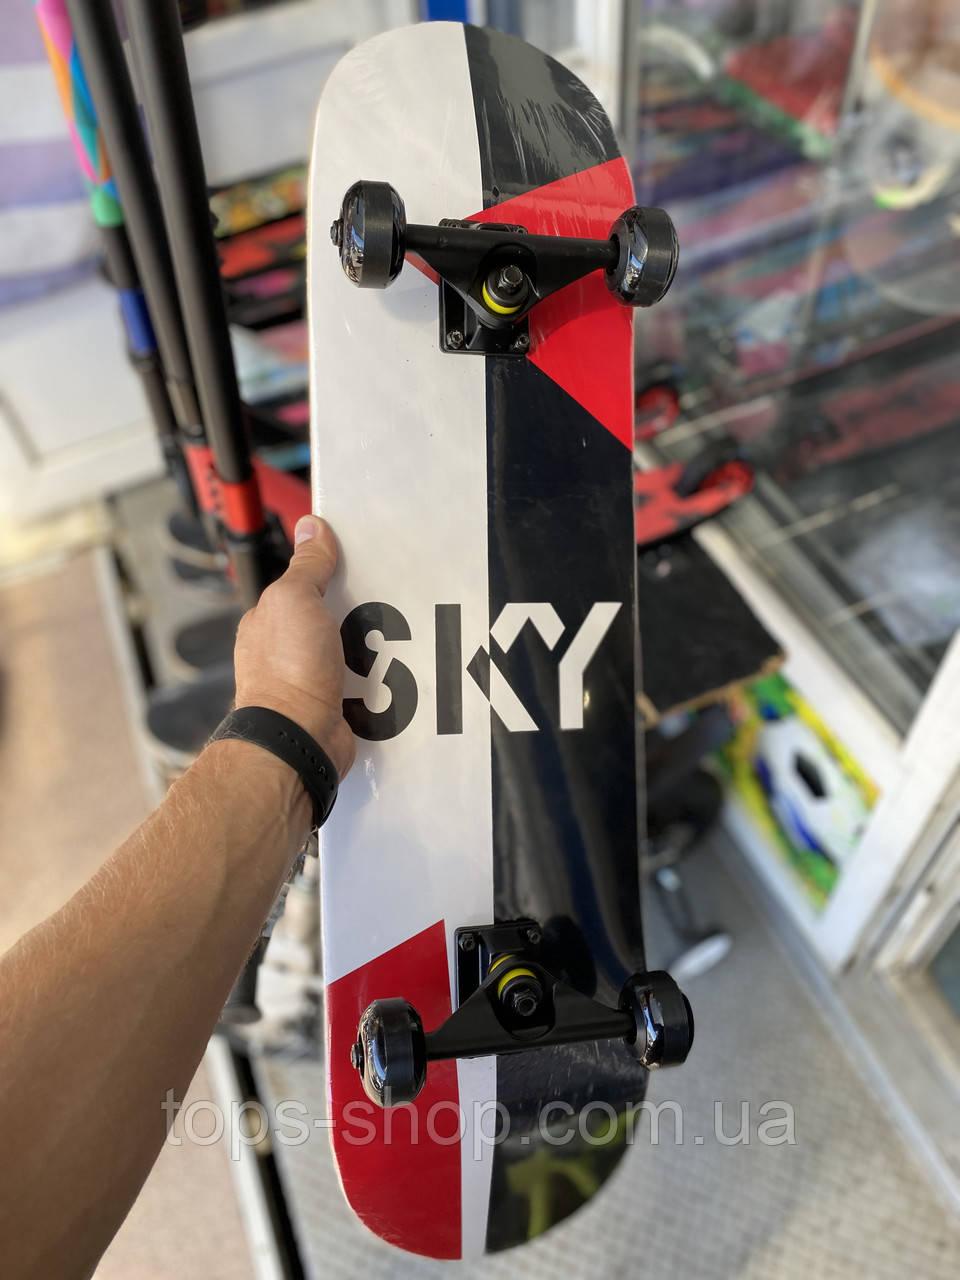 """Скейт дерев'яний, Скейтборд """" Sky """" , натуральний канадський клен, дека 79х20 см, супер якість"""